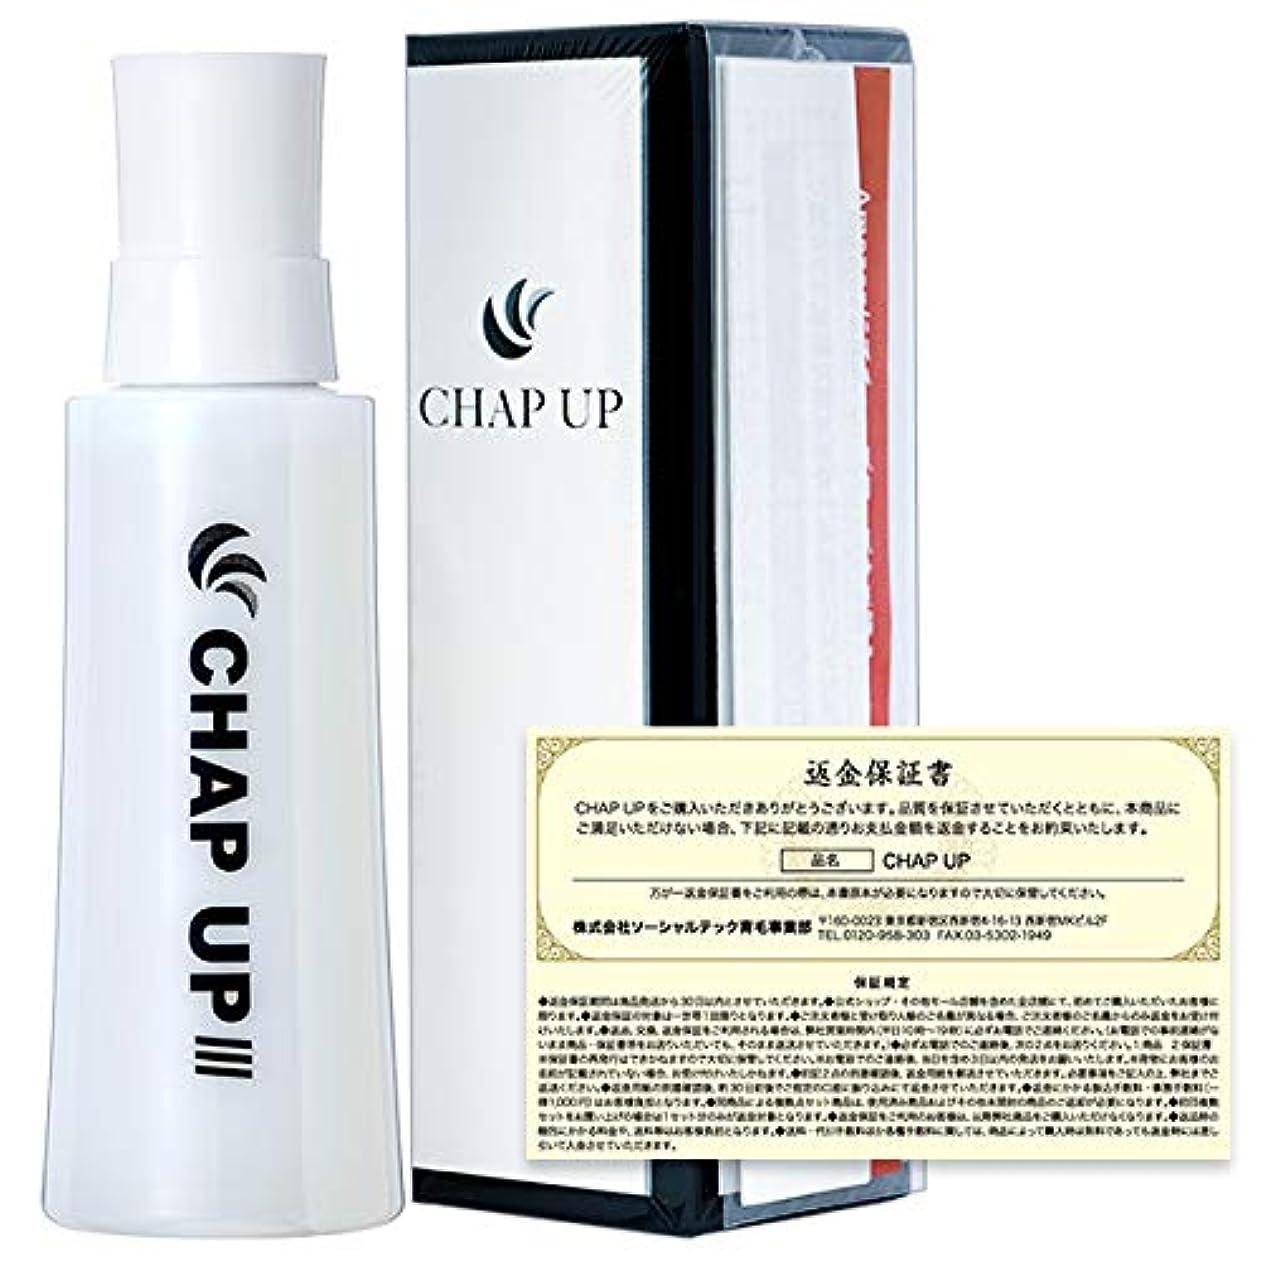 【医薬部外品】 チャップアップ(CHAPUP) 育毛剤 (返金保証書・説明書付_育毛ローション) 1本